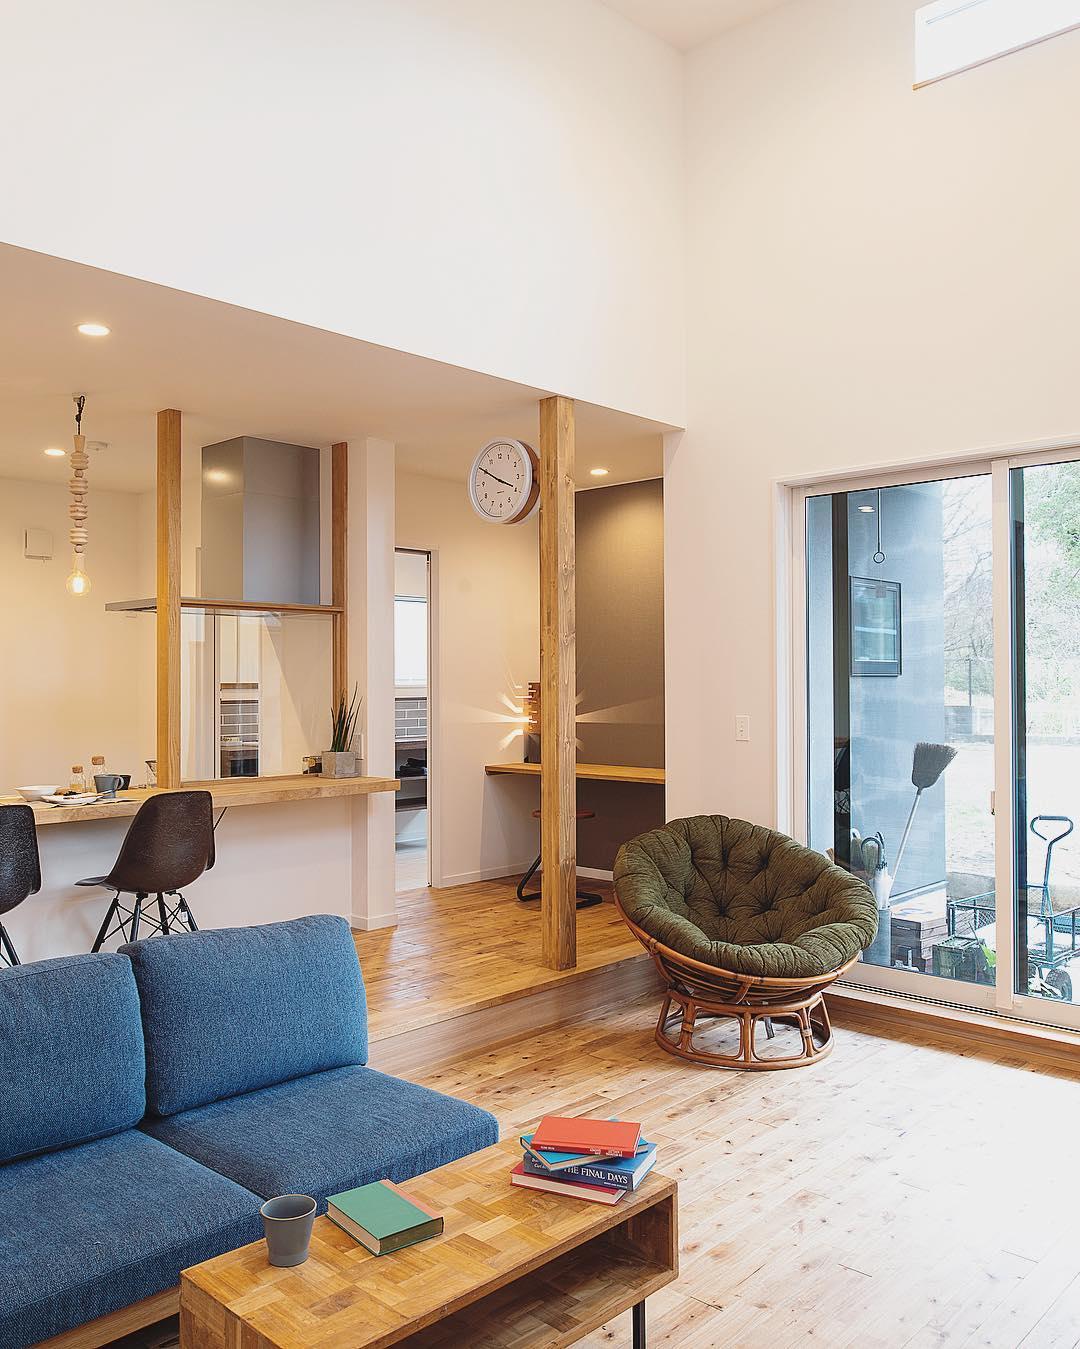 Desain Interior Rumah Minimalis Modern Dengan Elemen Kayu Sentuhan Gaya Jepang Inspirasi Desain Rumah Terkini